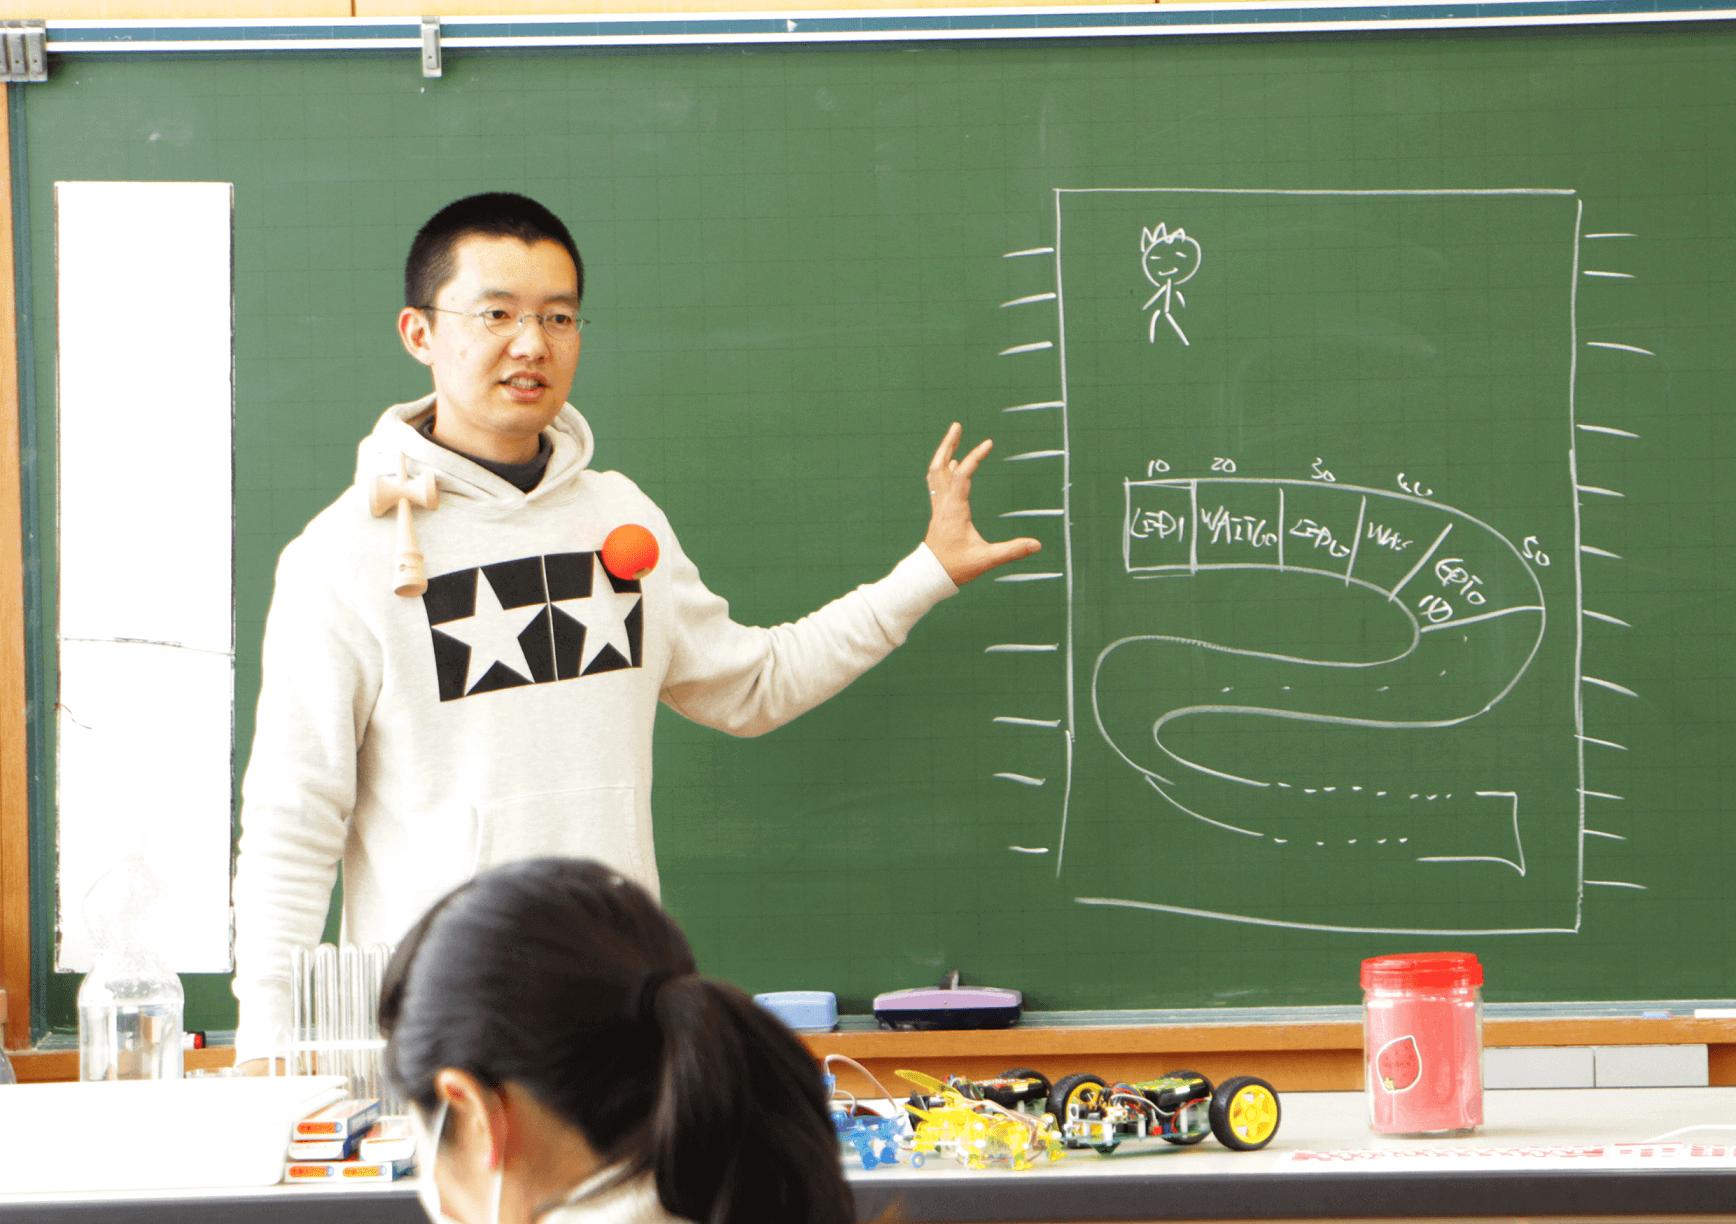 松田 優一 氏